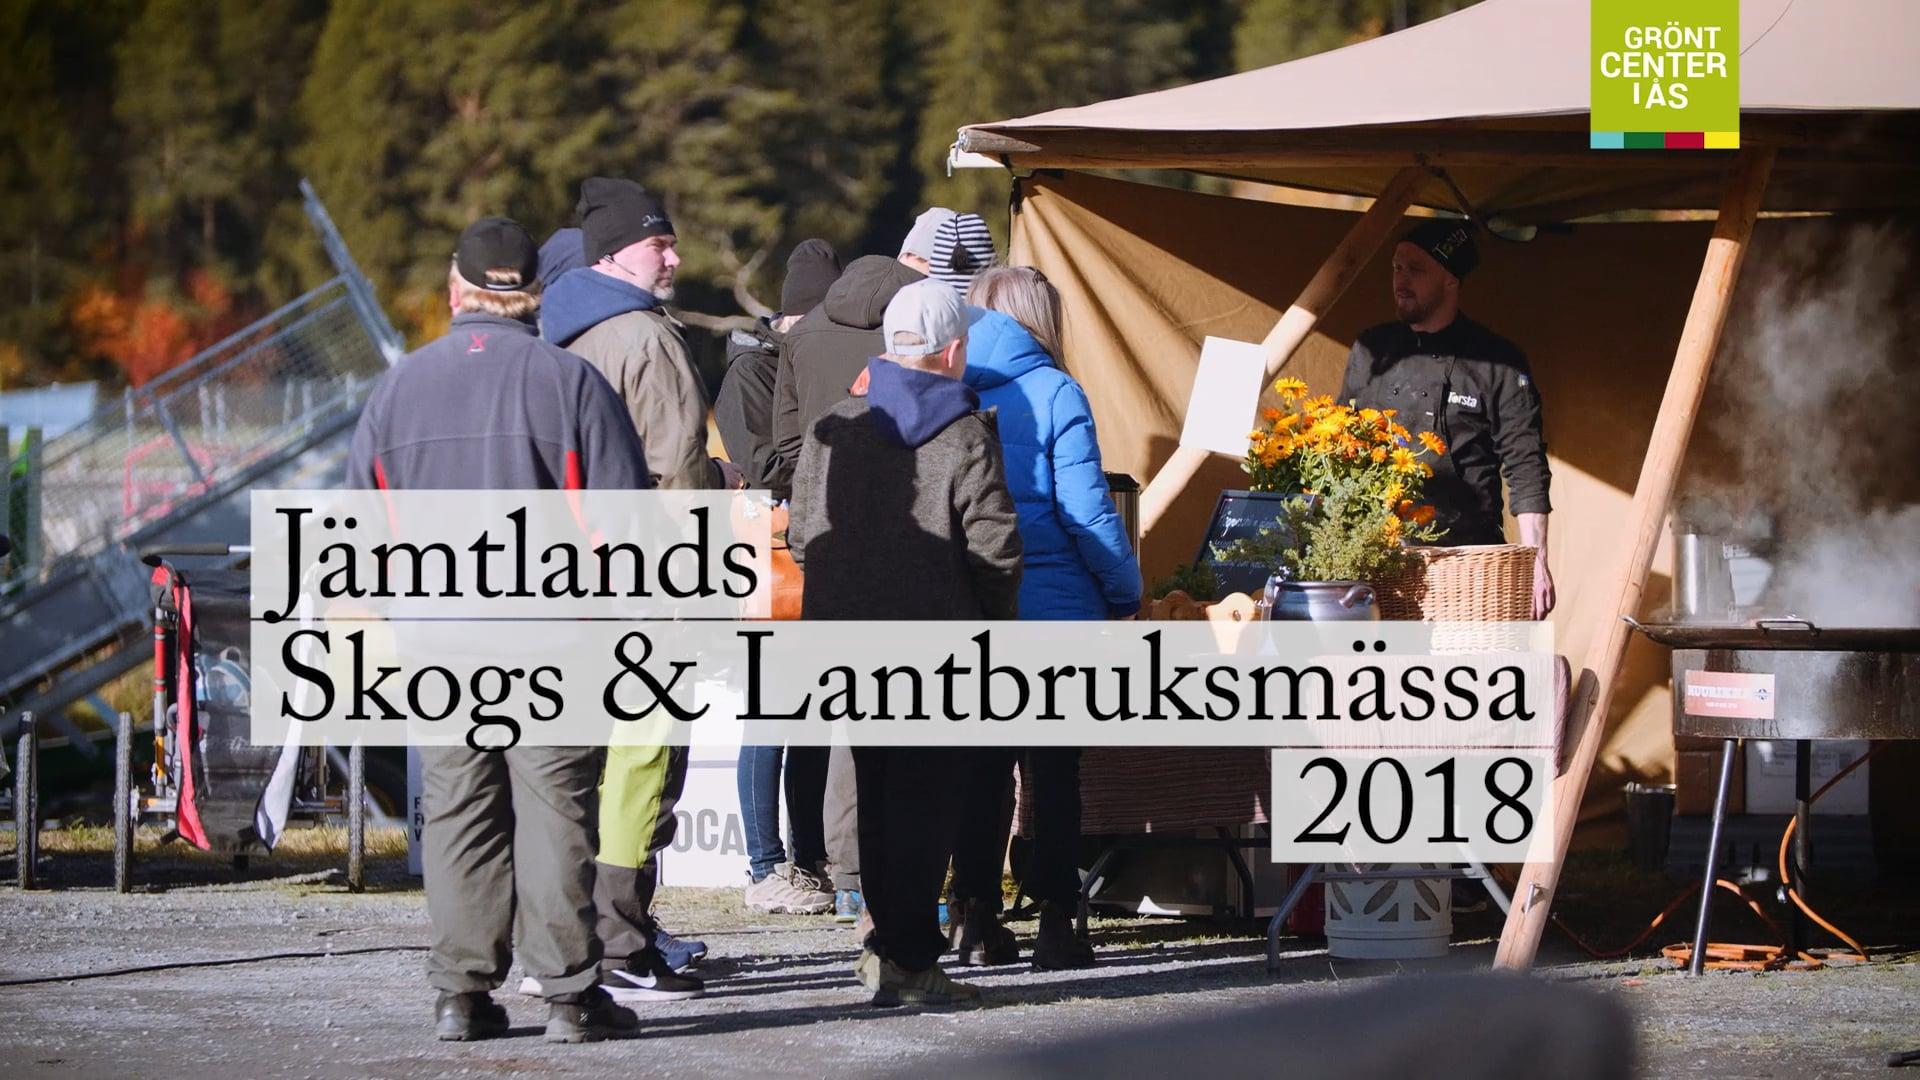 Grönt Center - Jämtlands skogs & lantbruksmässa 2018 - kort version - textad